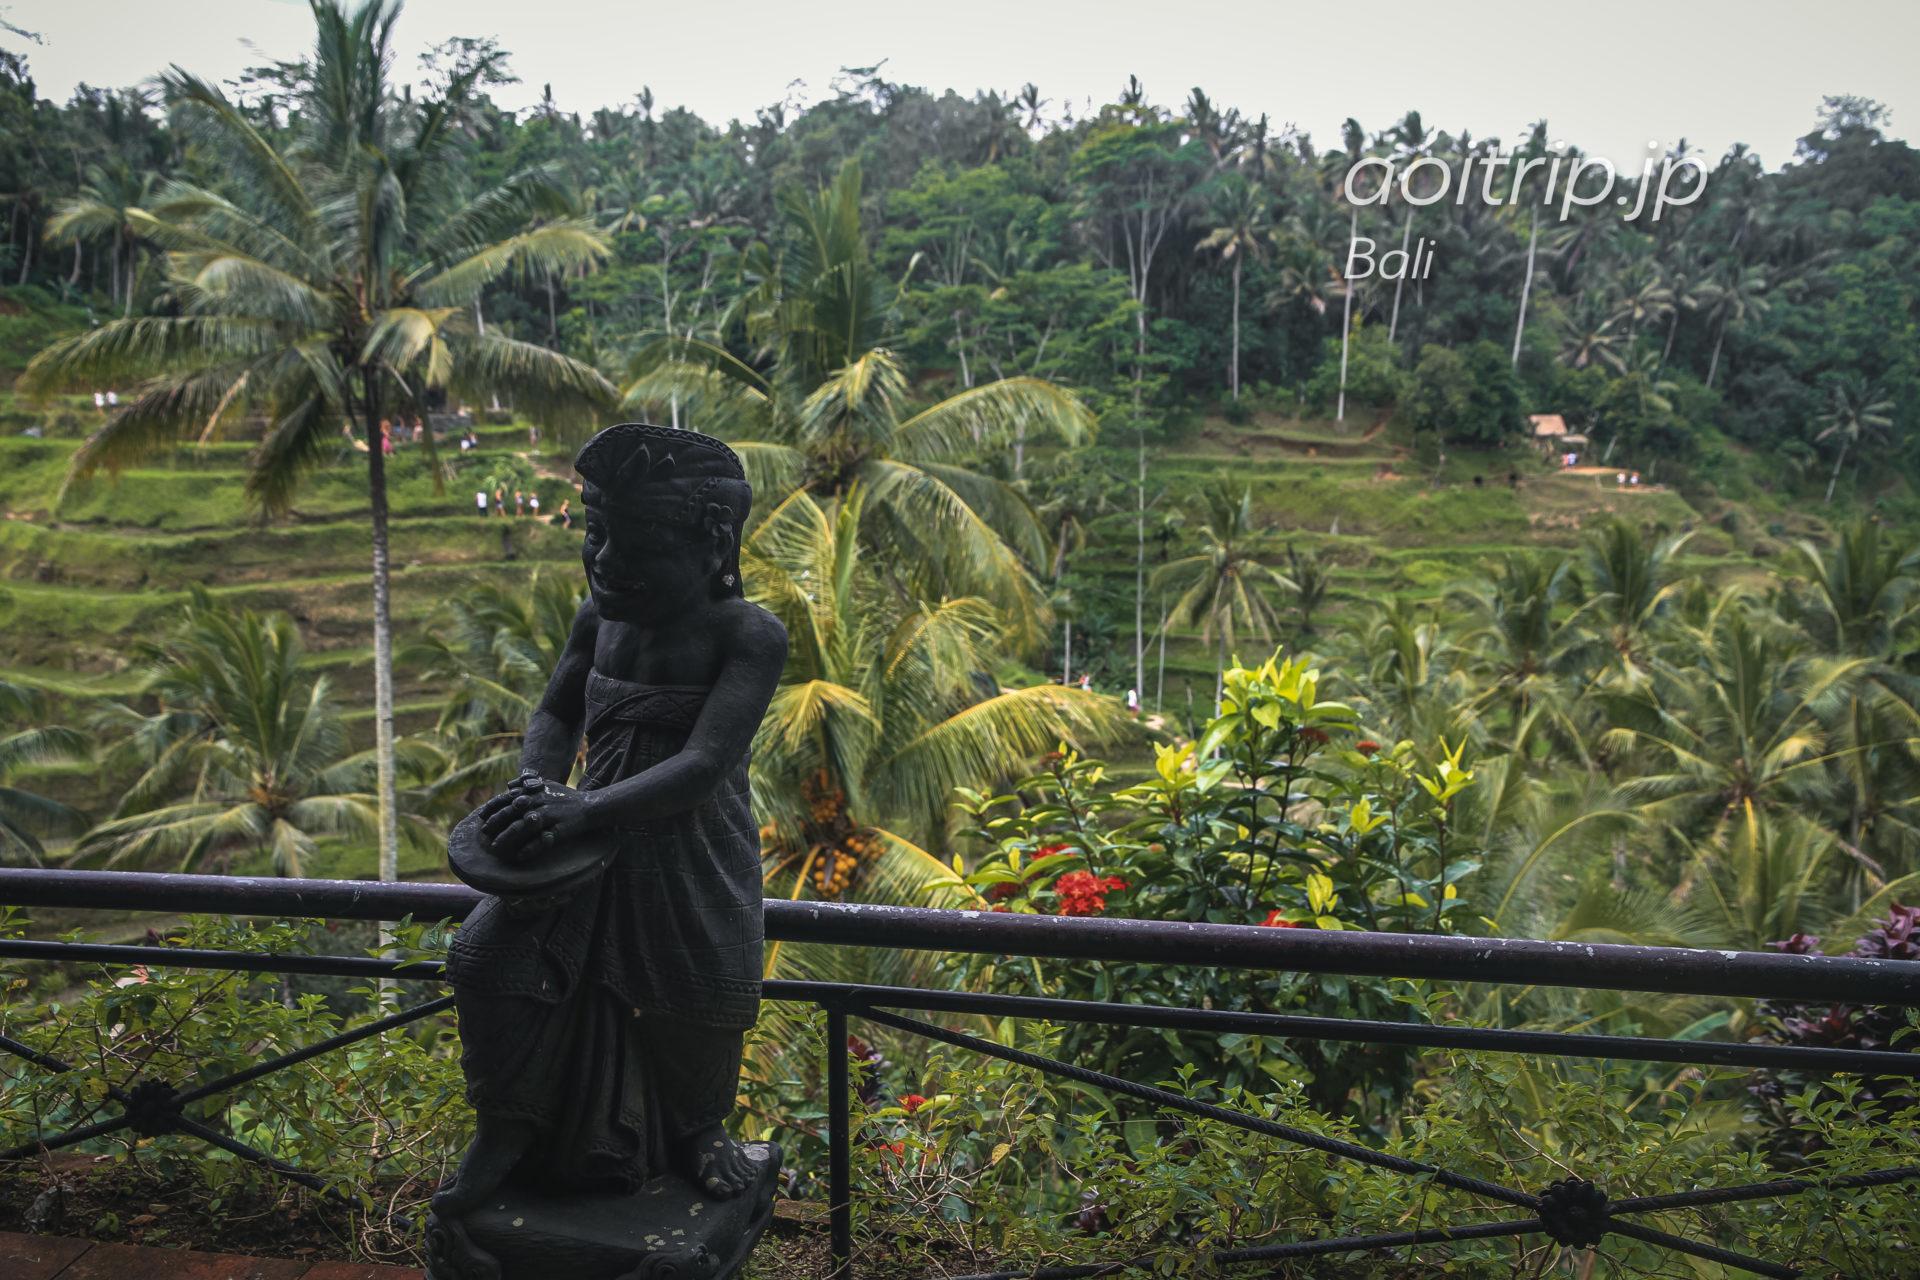 テラス パディ カフェ Teras Padi Cafe, Bali